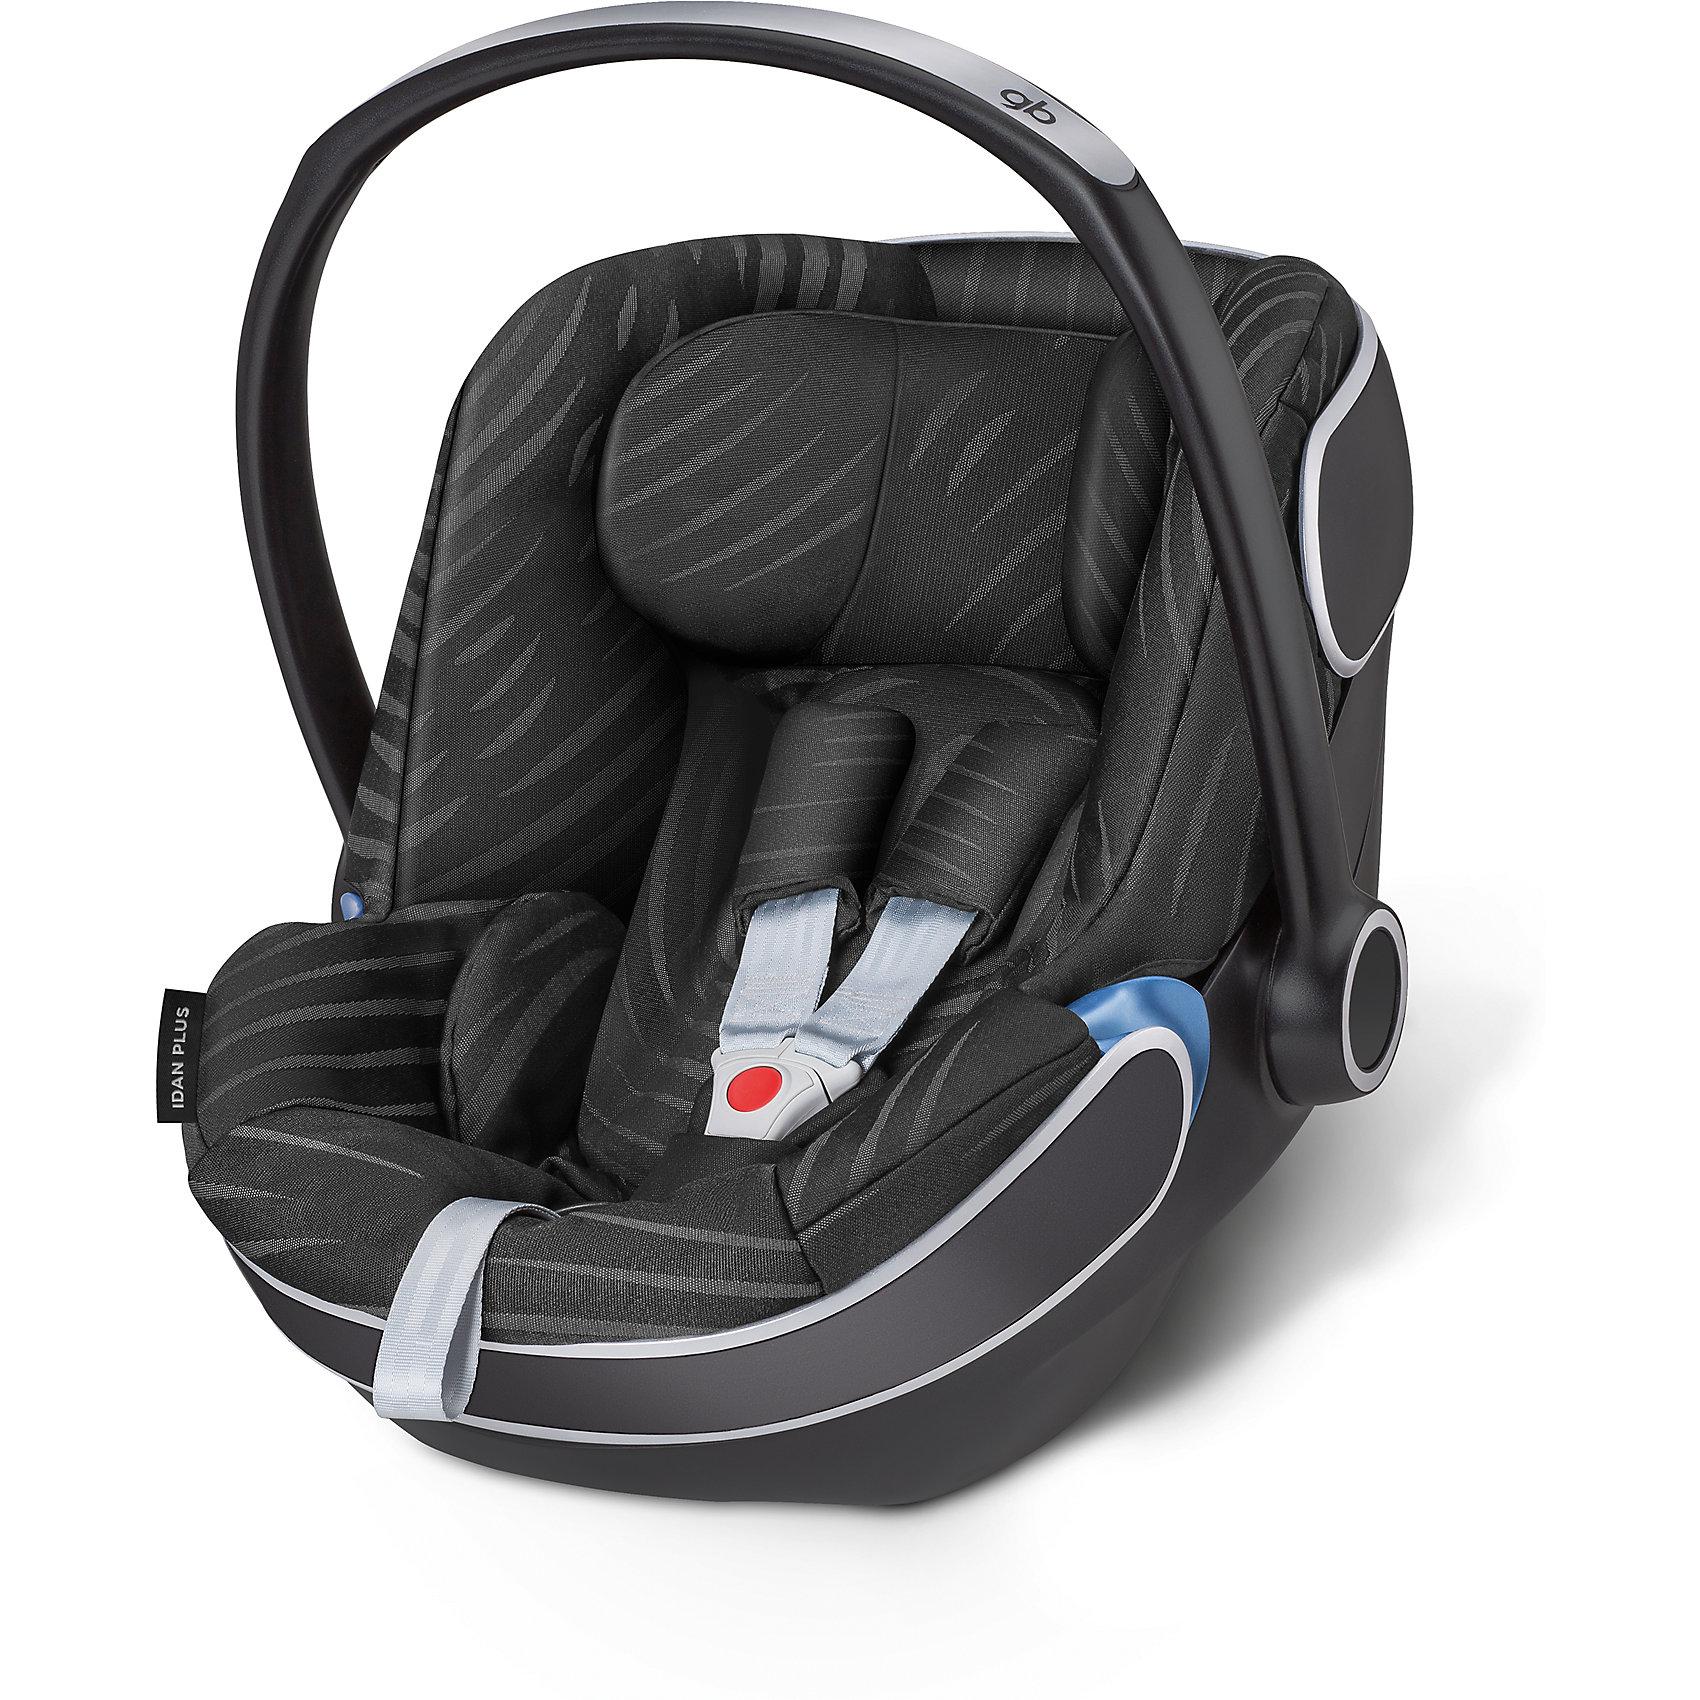 Автокресло GB Idan, 0-13 кг, Plus Lux BlackГруппа 0+ (До 13 кг)<br>Характеристики автокресла-переноски Idan+:<br><br>• группа: 0+<br>• вес ребенка: до 13 кг;<br>• возраст ребенка: от рождения до 12 месяцев;<br>• способ крепления: база Isofix Baseс GB или с помощью штатных ремней безопасности автомобиля;<br>• способ установки: против хода движения;<br>• материал: пластик, полиэстер;<br>• пластиковая ручка, люлька-переноска;<br>• положение ручки регулируется;<br>• 3-х точечные ремни безопасности с мягкими накладками;<br>• усиленная защита от боковых ударов;<br>• регулируется высота подголовника;<br>• имеется вкладыш для новорожденного;<br>• съемные чехлы, стирка при температуре 30 градусов;<br>• на шасси коляски GB Maris автокресло устанавливается без адаптеров, на шасси колясок GB и Cybex – с помощью адаптеров – нет в комплекте, приобретаются отдельно. <br><br>Размер автокресла: 68х44х37-57 см<br>Вес автокресла: 4,7 кг<br><br>Автокресло Idan, 0-13 кг, GB, Plus Lux Black можно купить в нашем интернет-магазине.<br><br>Ширина мм: 730<br>Глубина мм: 460<br>Высота мм: 650<br>Вес г: 6900<br>Возраст от месяцев: 6<br>Возраст до месяцев: 36<br>Пол: Унисекс<br>Возраст: Детский<br>SKU: 5434471